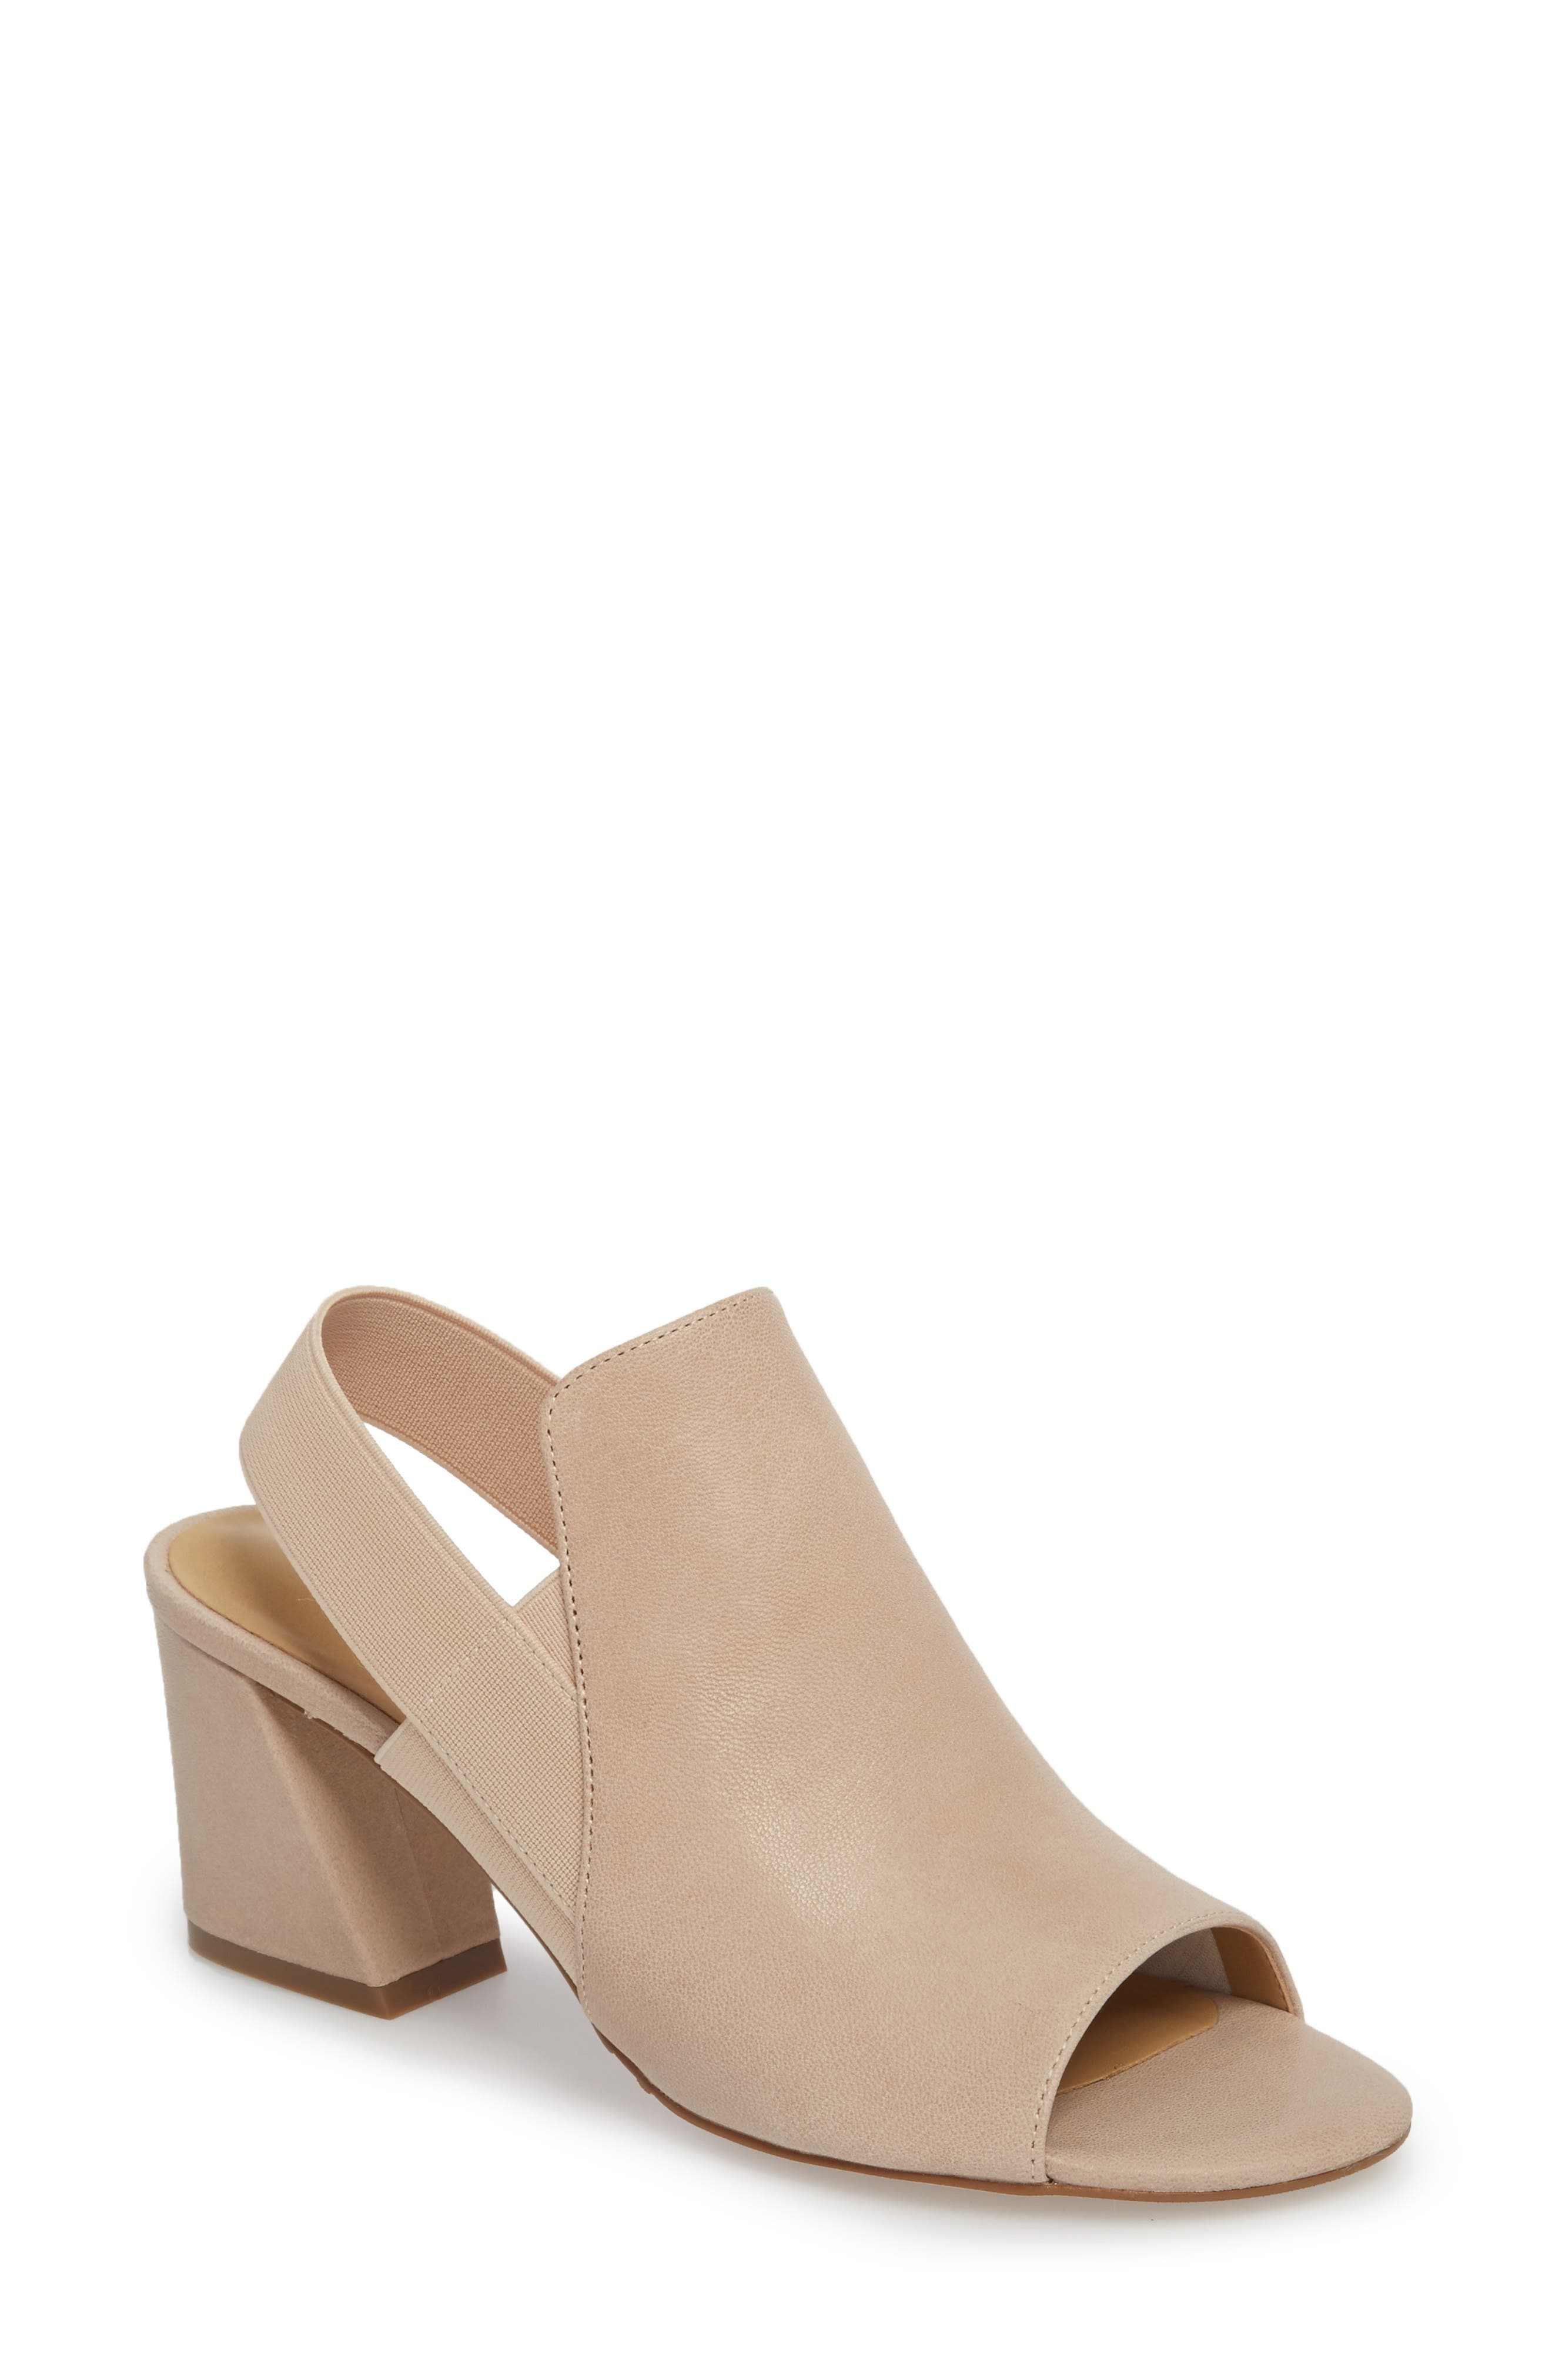 Alternate Image 1 Selected - VANELi Berky Slingback Sandal (Women)